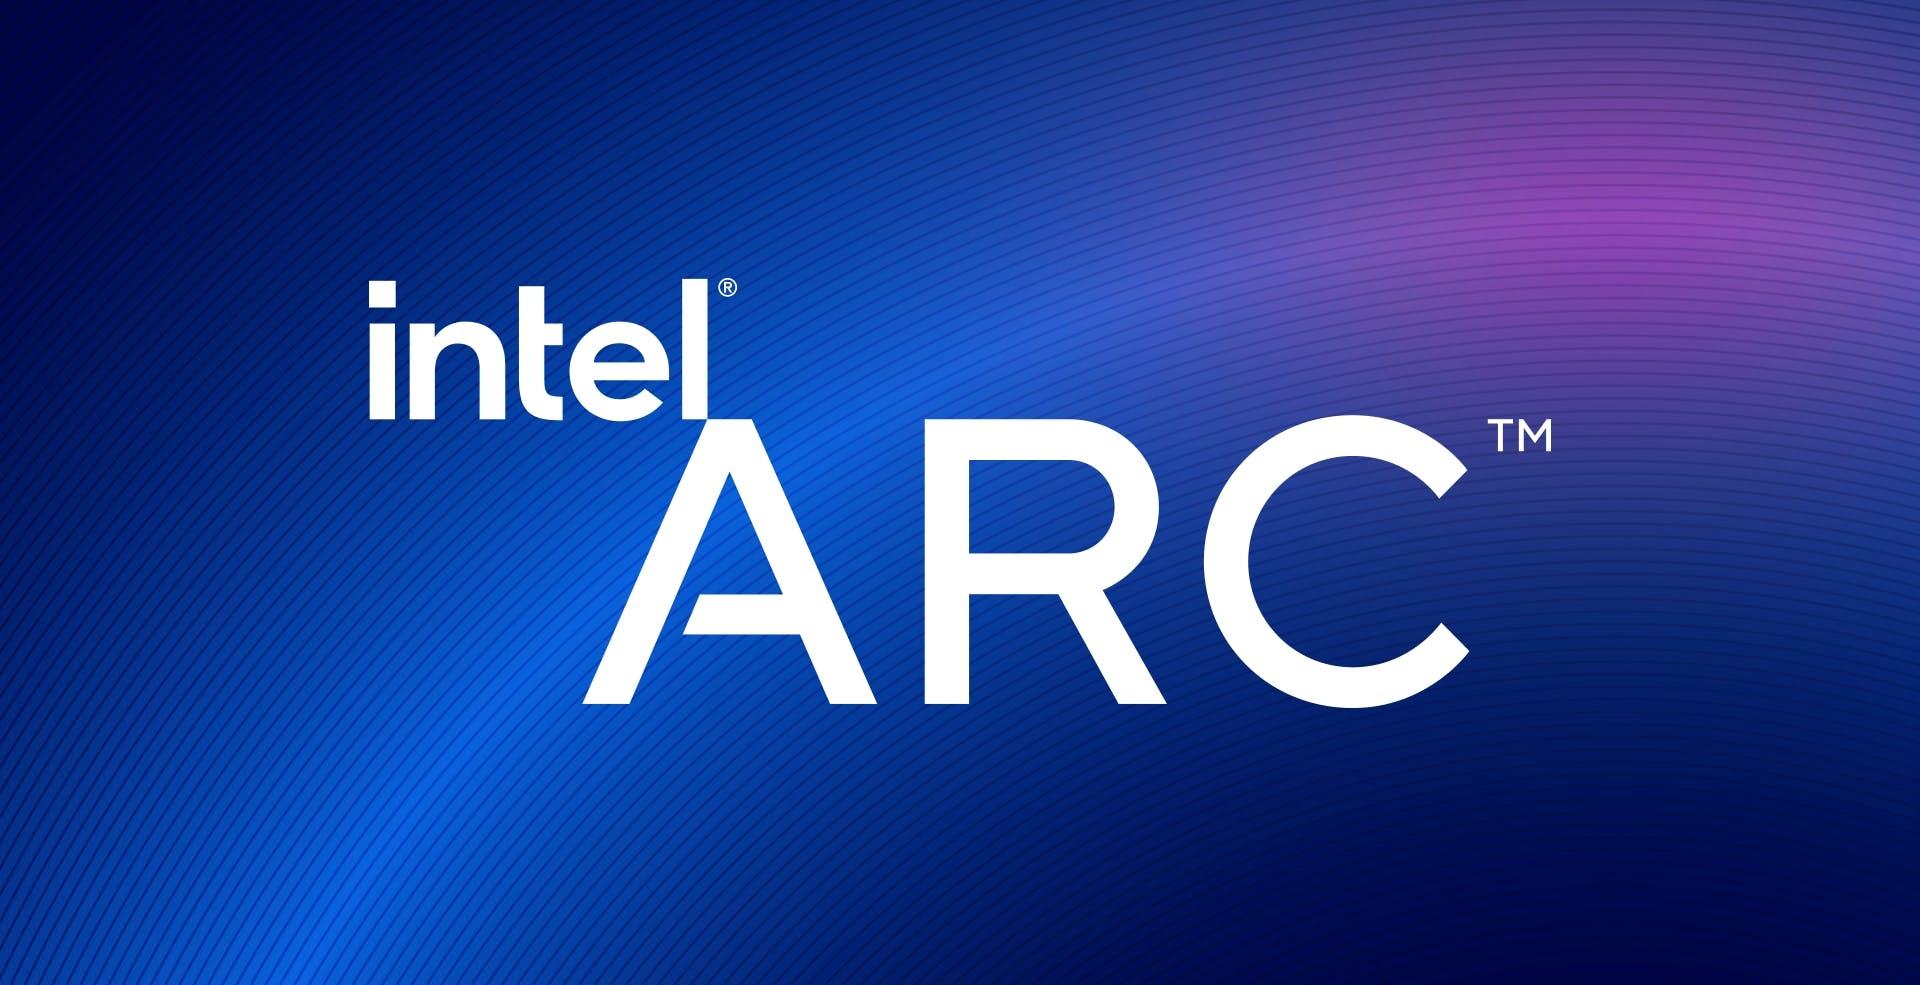 Intel Arc è il nome della nuova gamma di schede video di Intel, anche da gaming